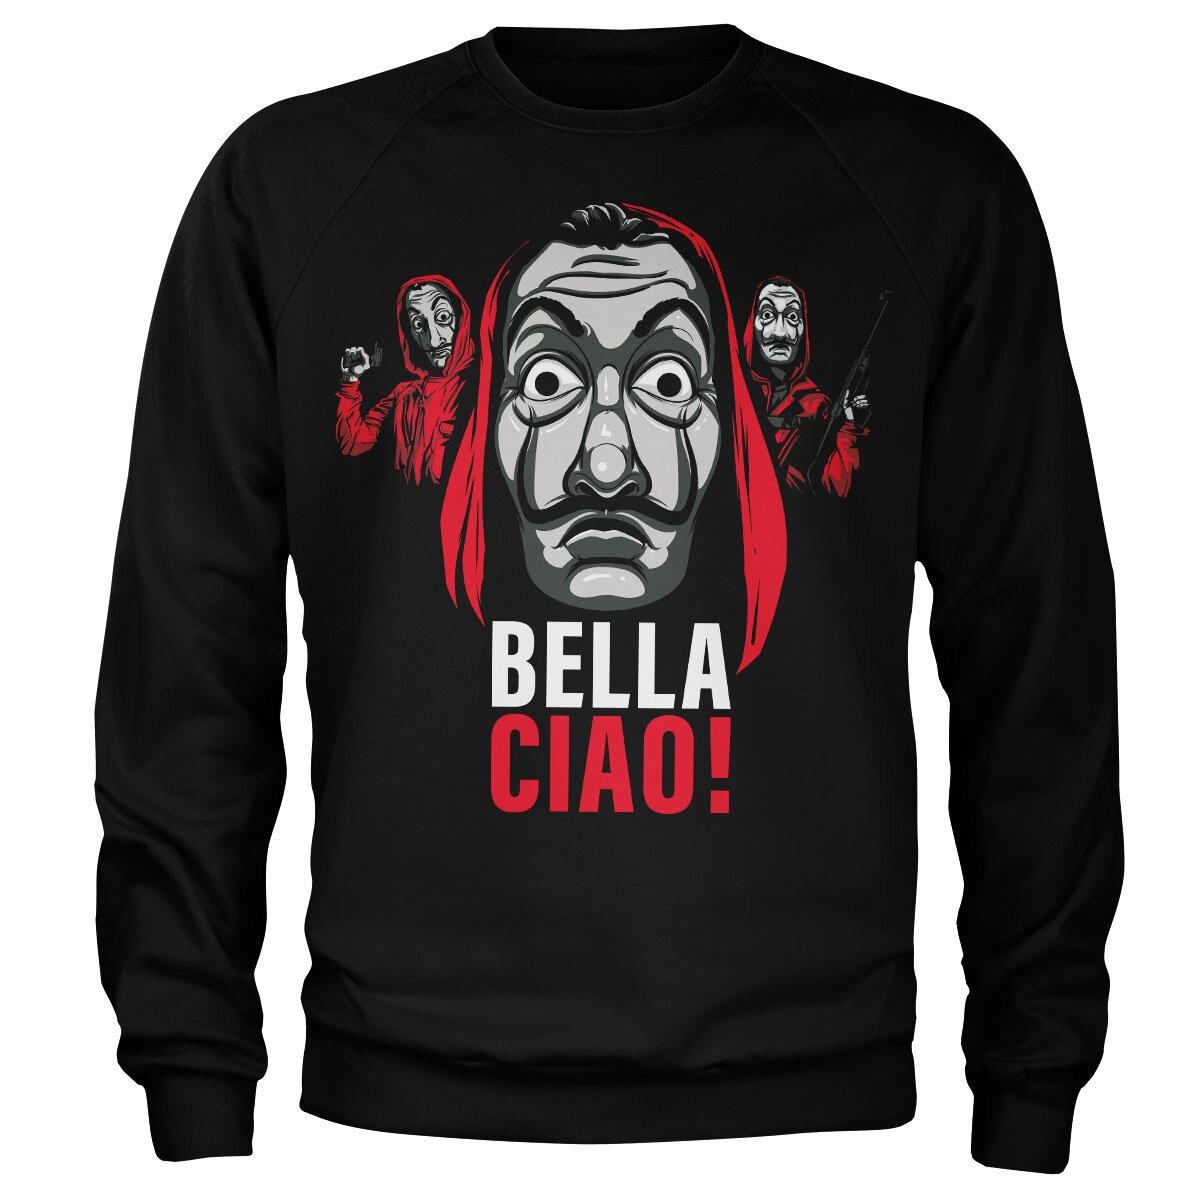 La Casa De Papel - Bella Ciao! Sweatshirt